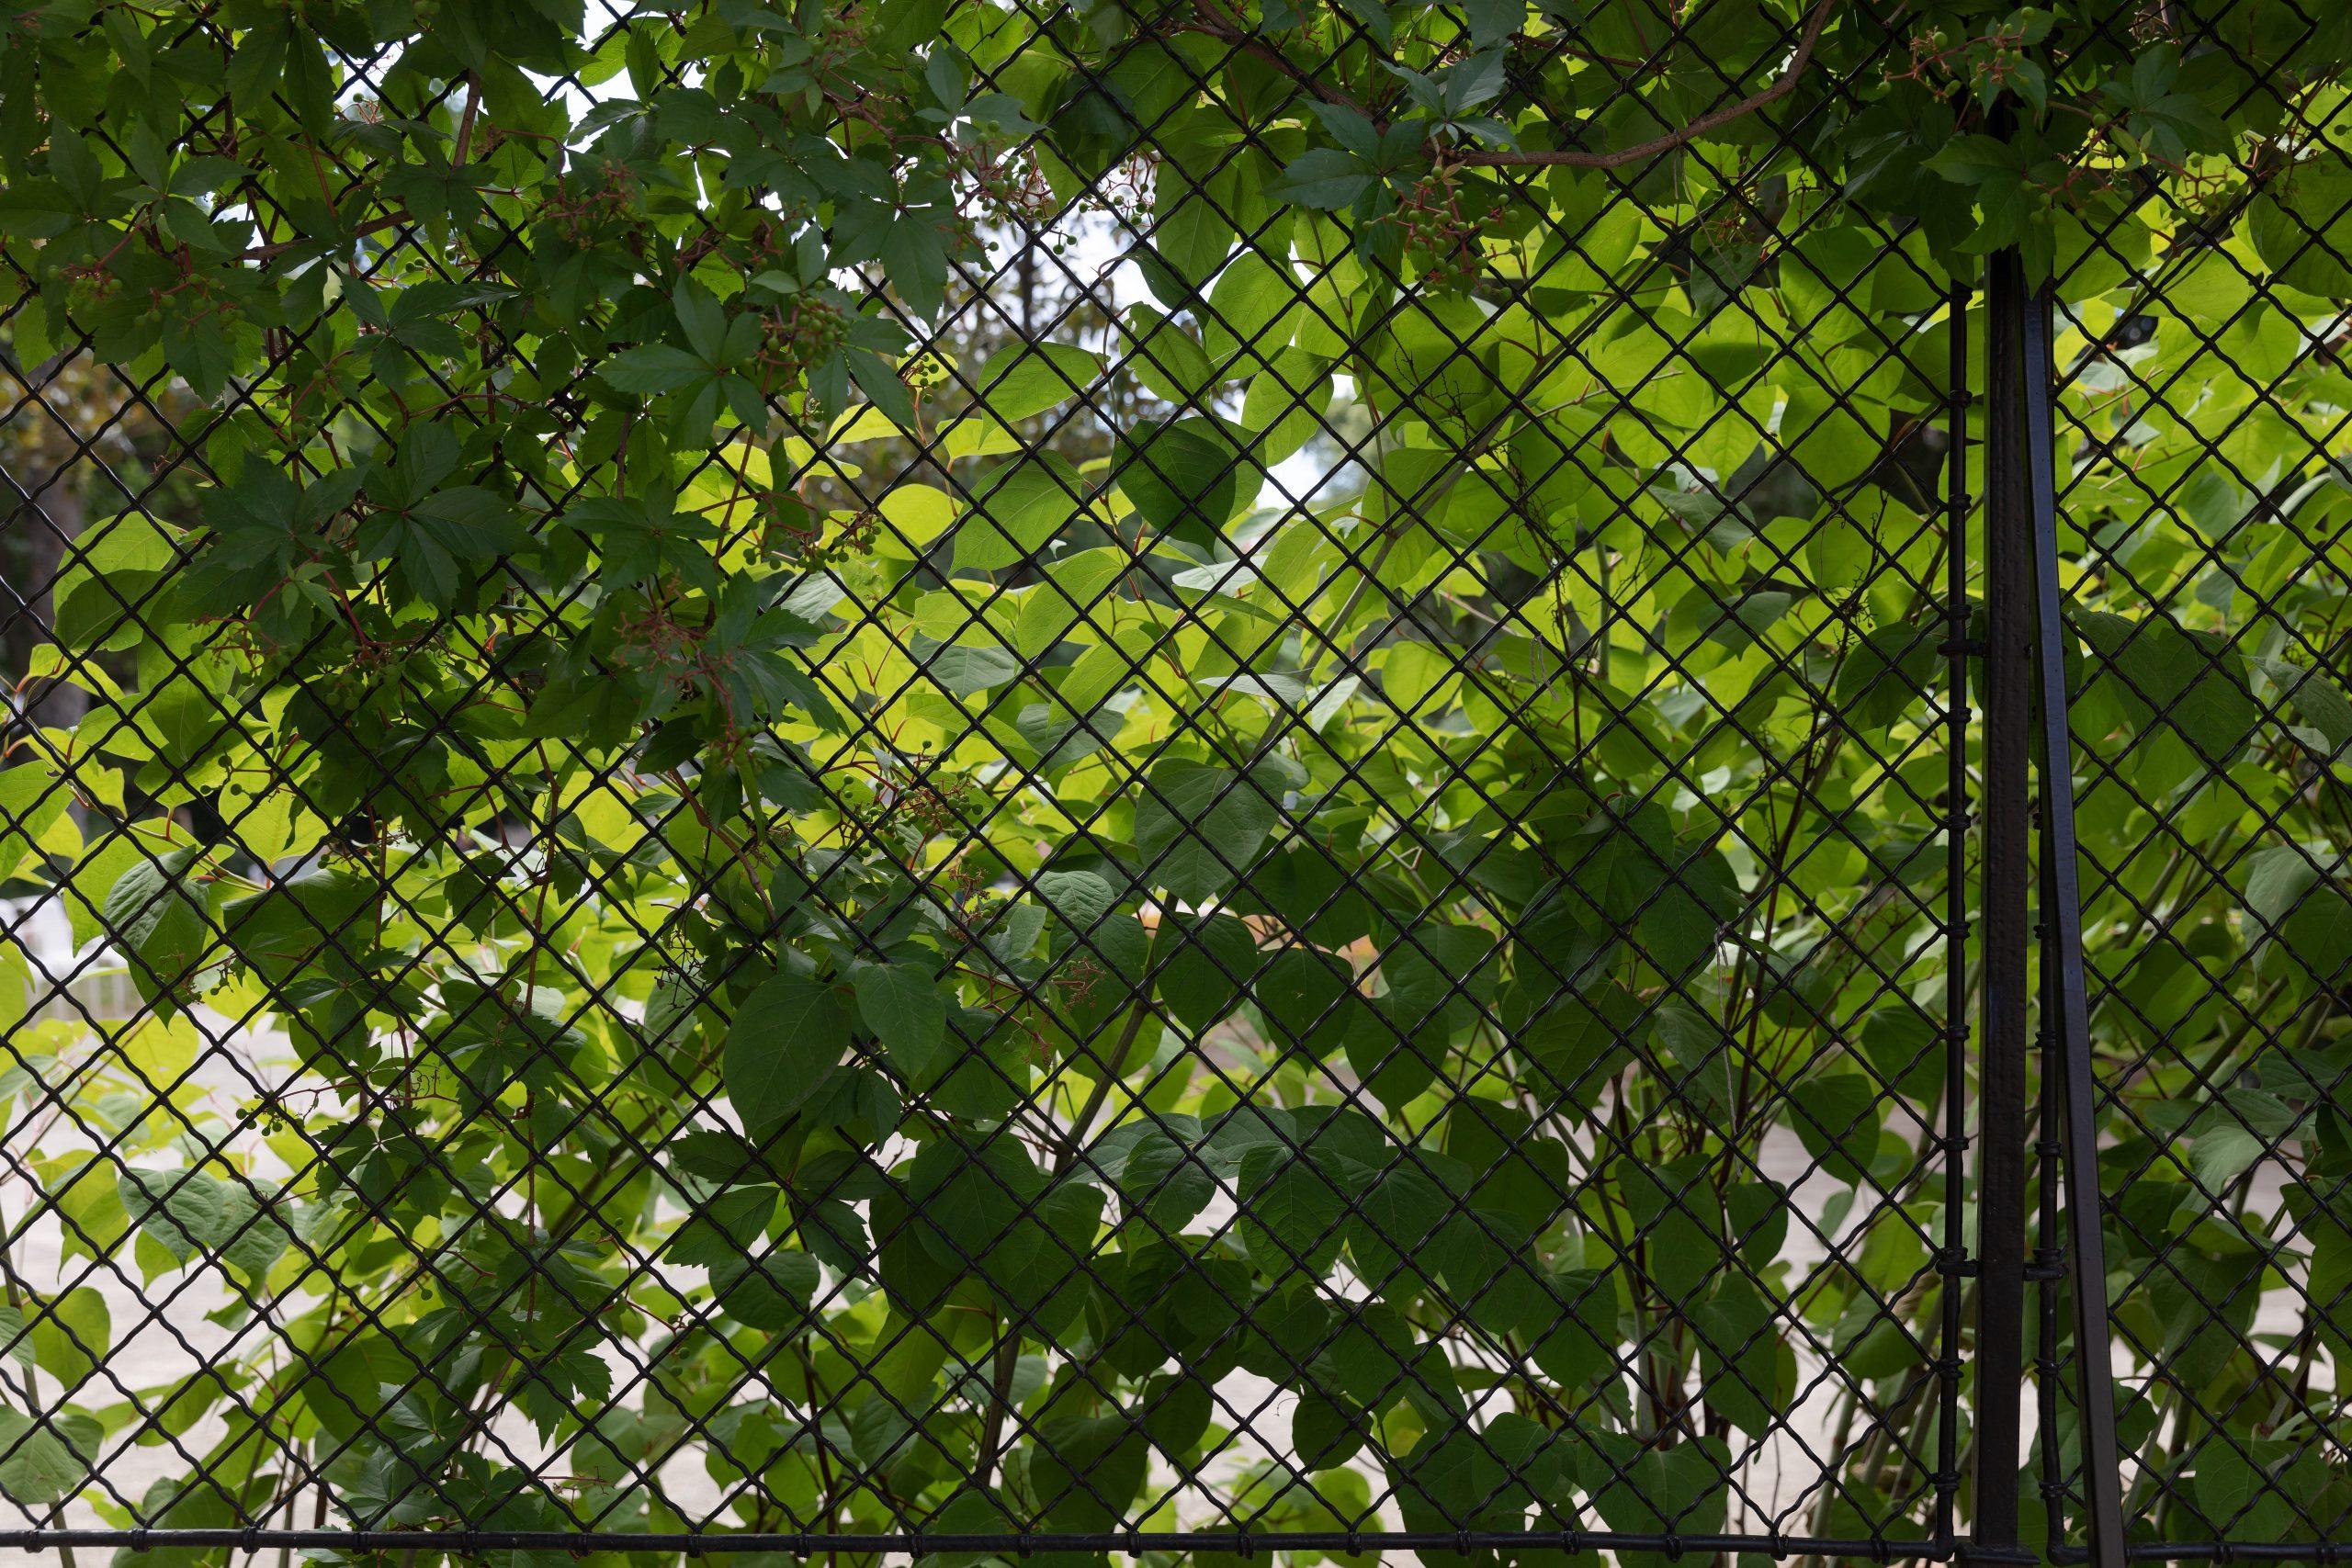 Full Size of Filepalais Schnborn Volkskundemuseum Wien 2018 Garten Zaun 1jpg Spielhaus Sitzbank Trampolin Relaxsessel Bewässerung Fussballtor Pavillion Sitzgruppe Holzhaus Garten Garten Zaun